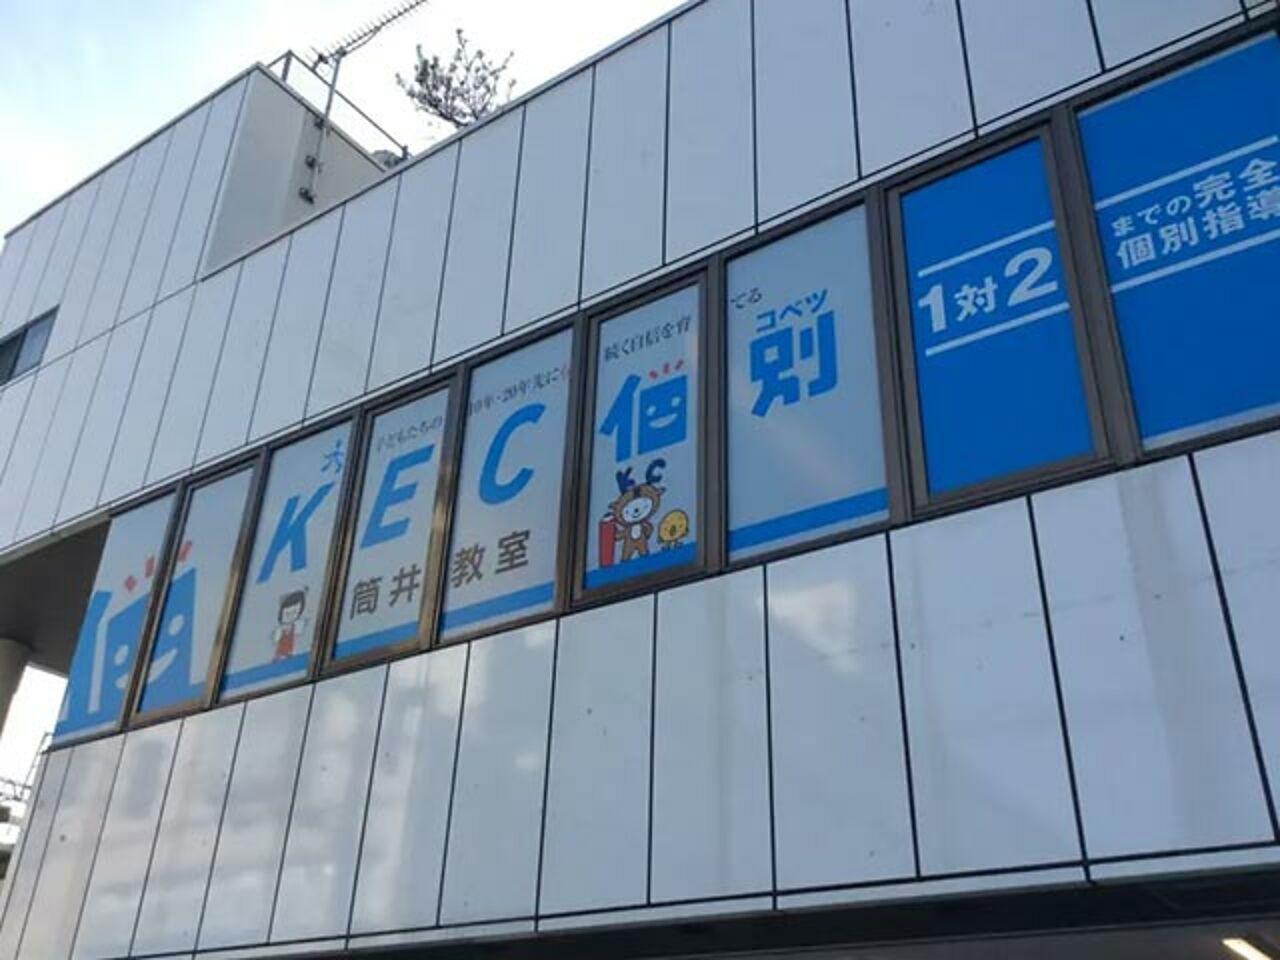 KEC個別・KEC志学館個別筒井教室の画像